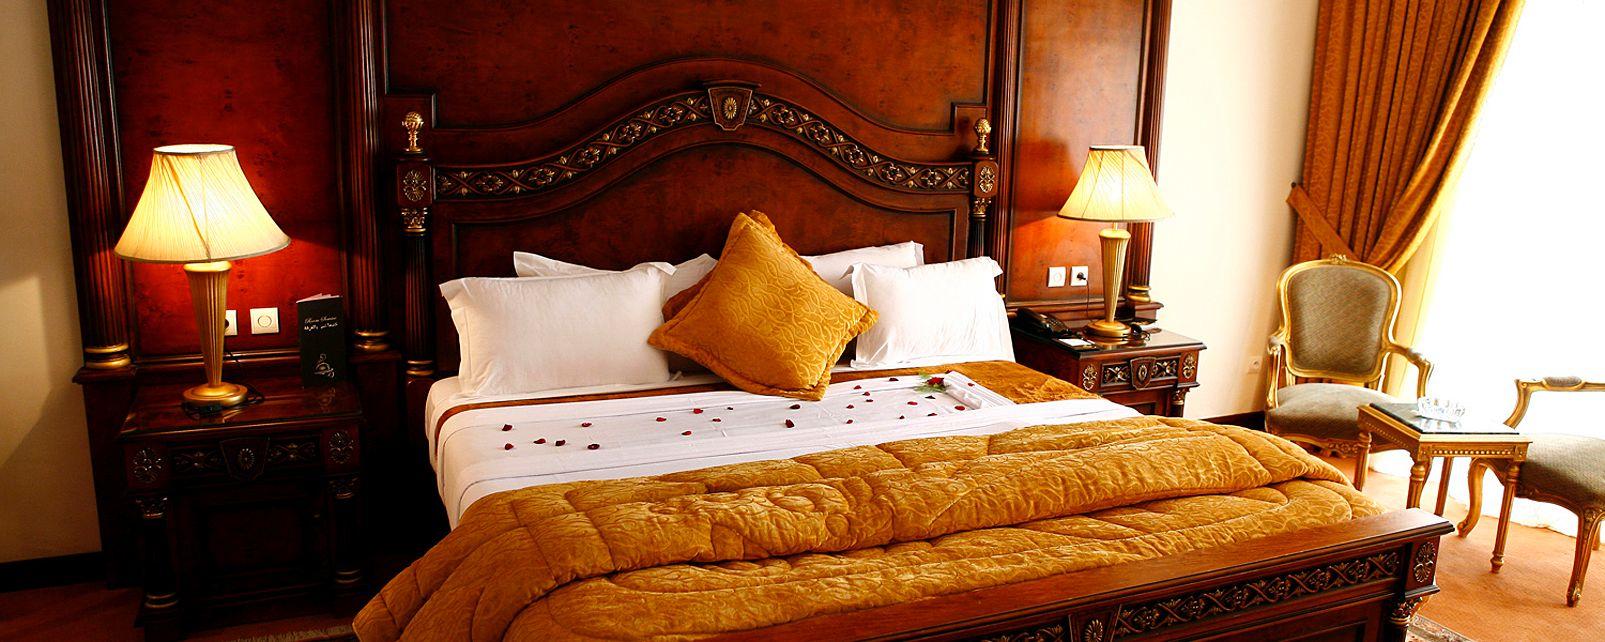 Hotel Ryad Mogador Agdal Marrakech